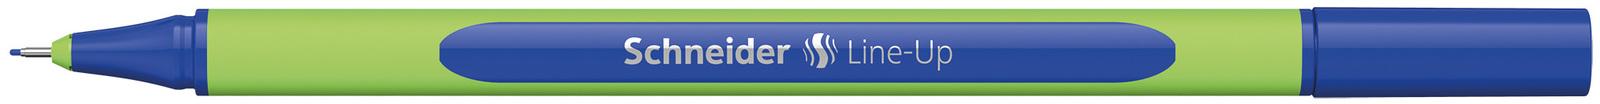 Schneider: Fineliner Line-Up 0.4mm - Lapis Blue image